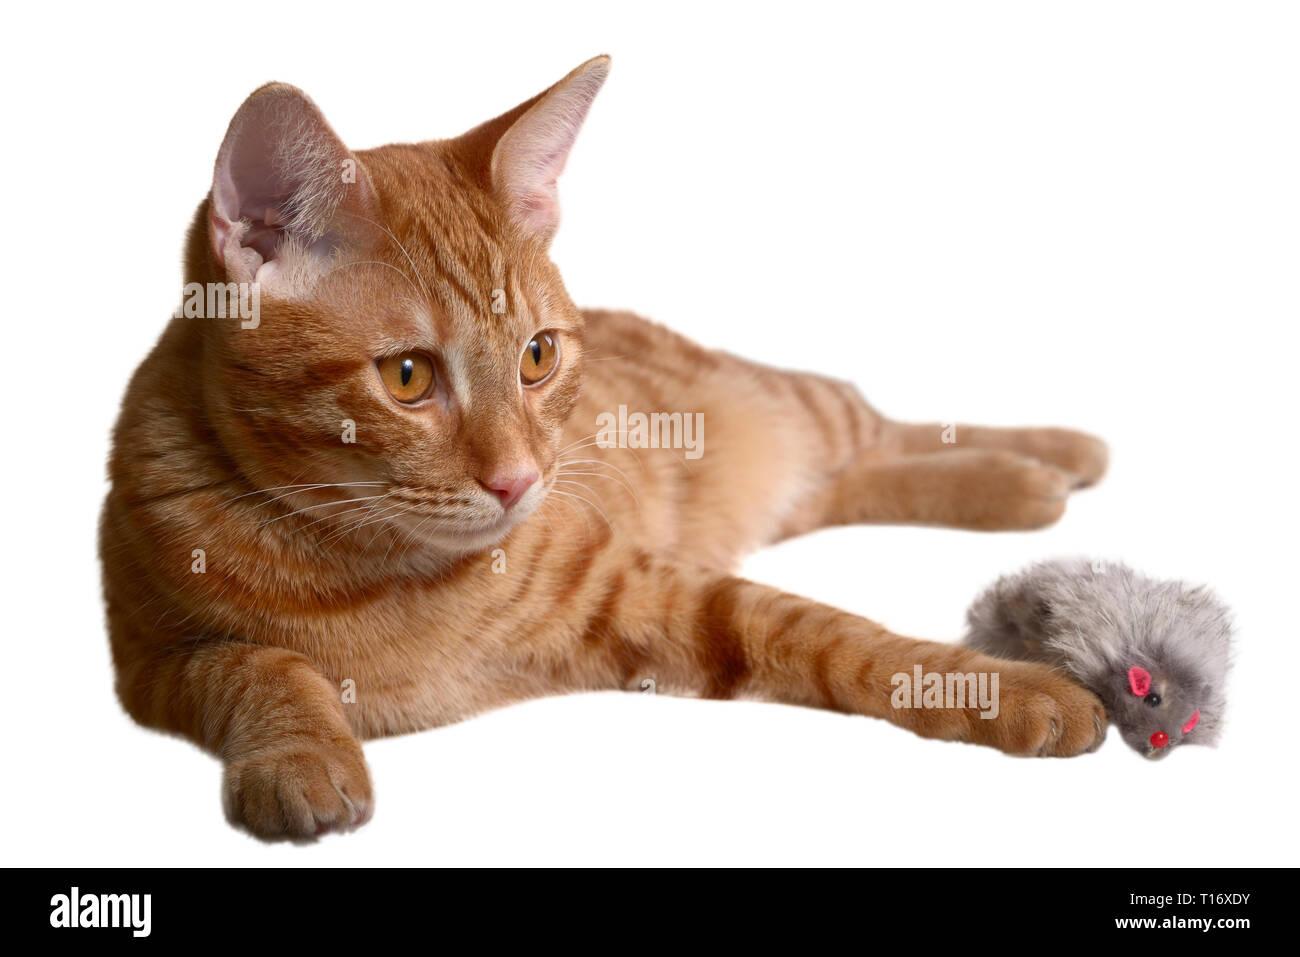 Ginger kitten Verlegung mit einem grauen Pelz maus Spielzeug Stockfoto